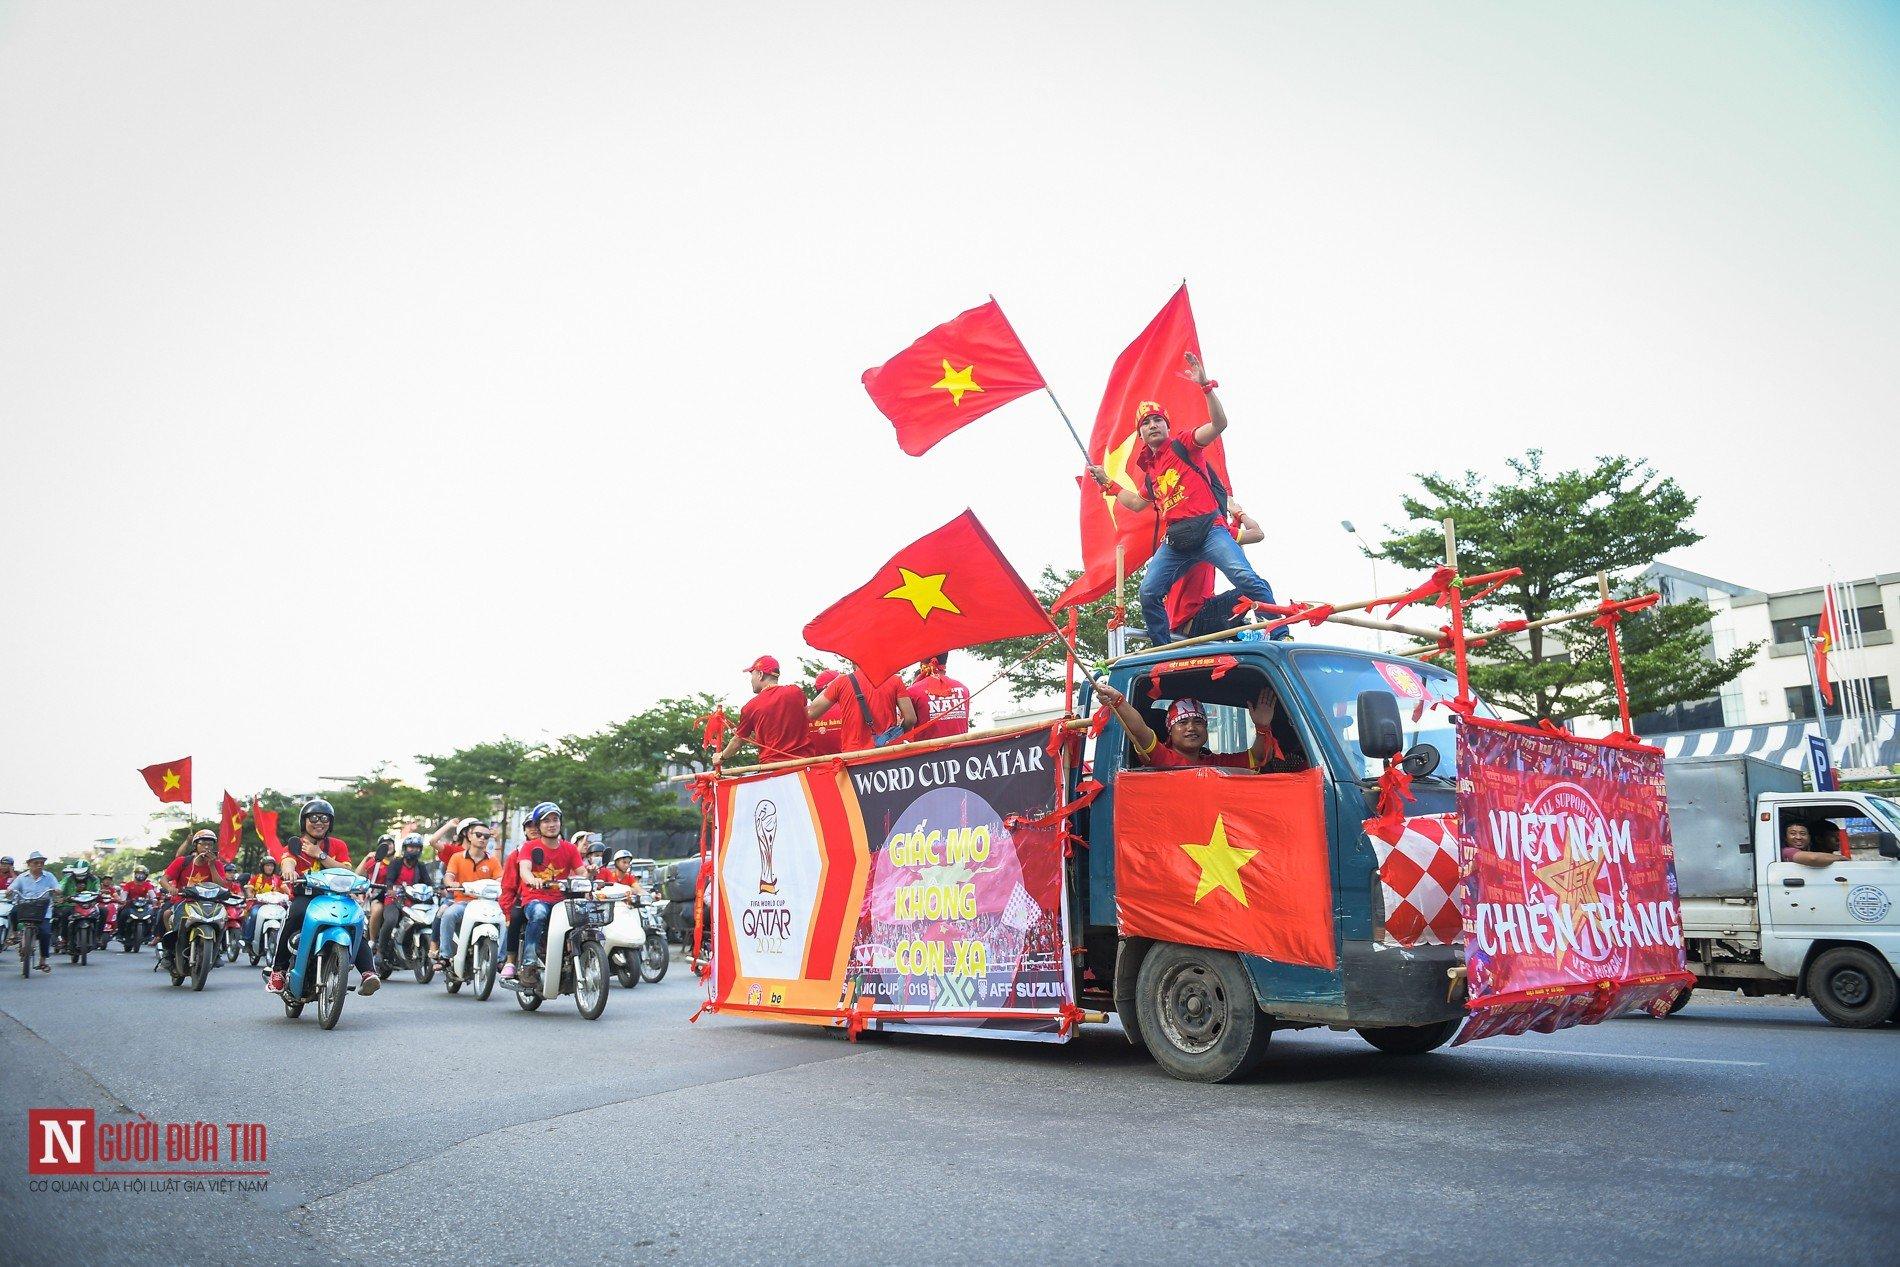 Nóng trước giờ G: Hàng ngàn CĐV diễu hành cổ vũ ĐTQG Việt Nam 10